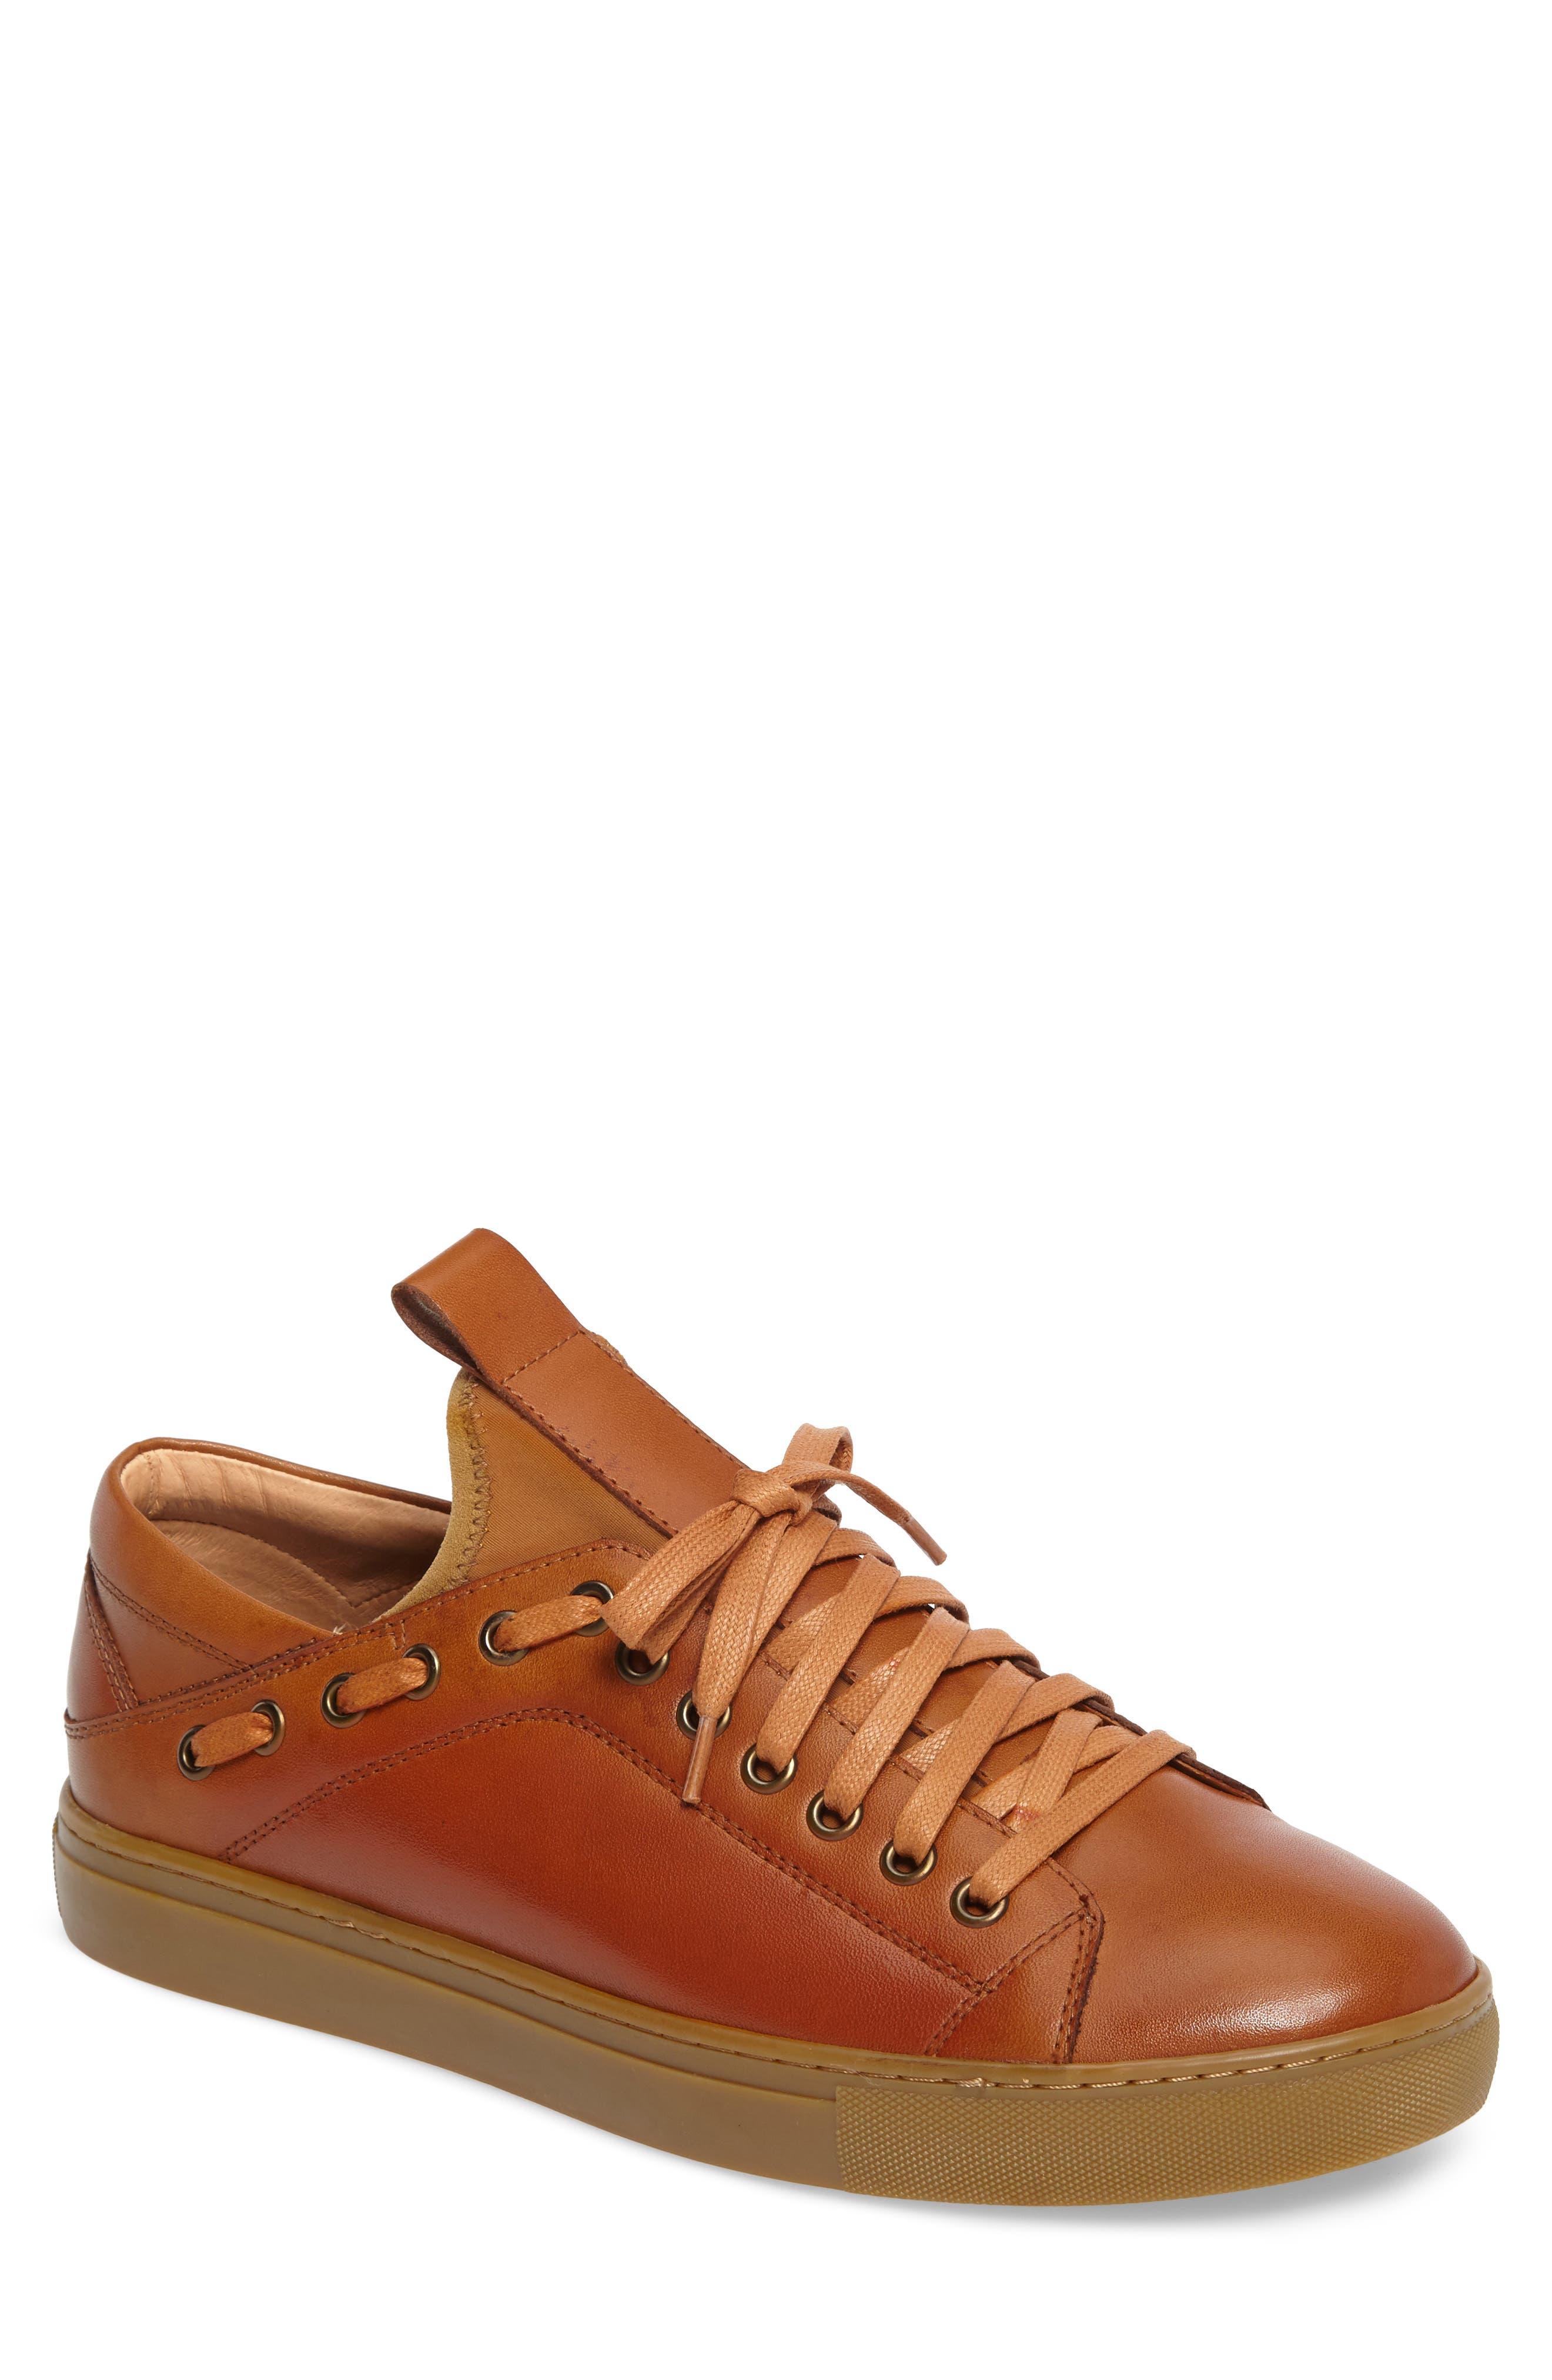 Owen Sneaker,                         Main,                         color, Cognac Leather